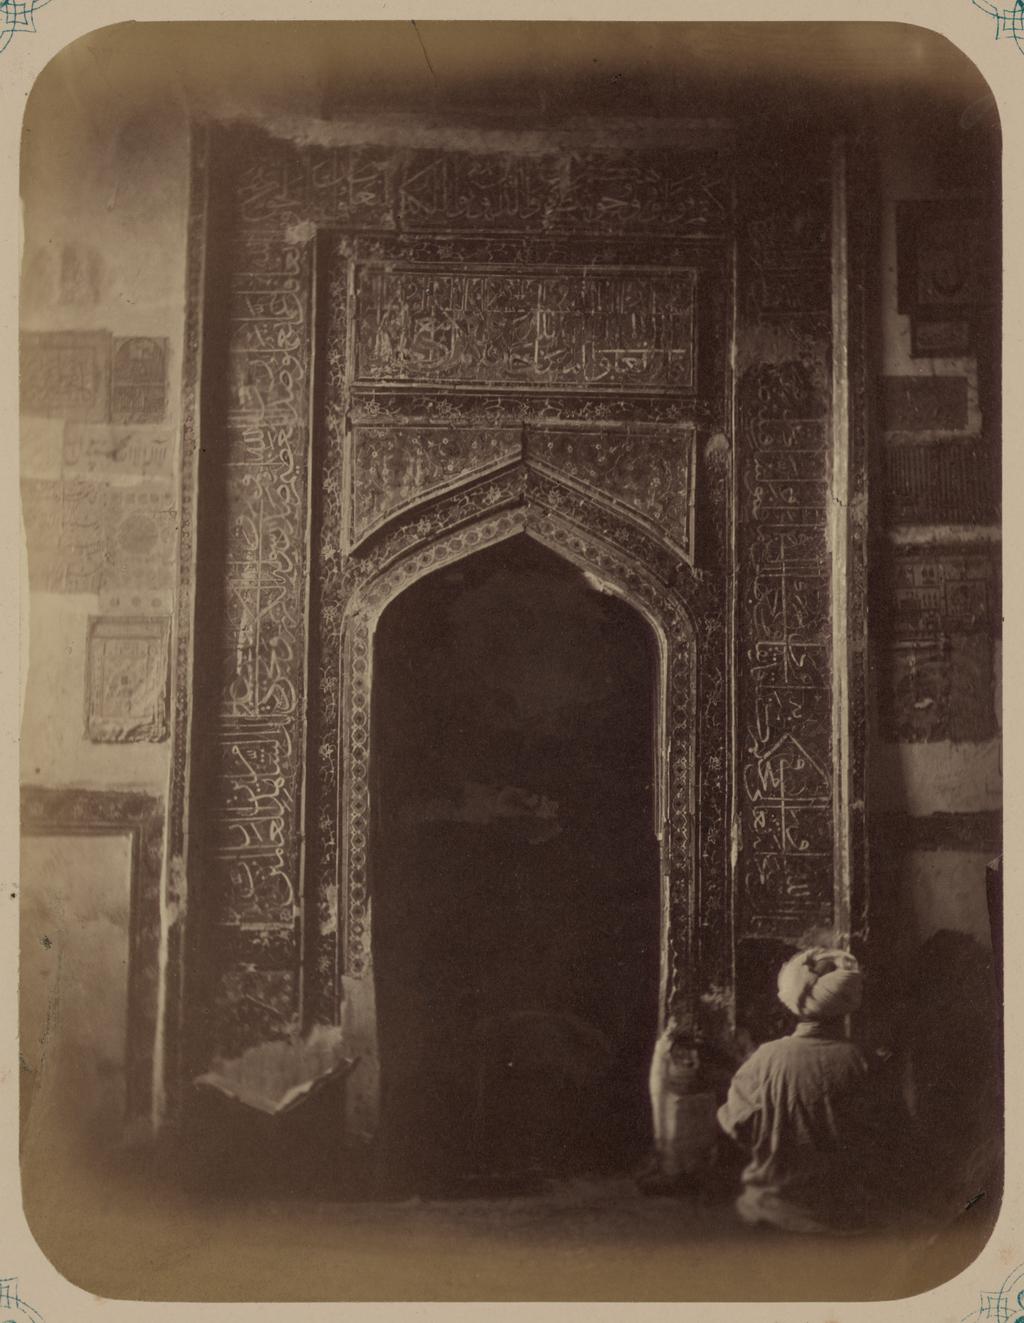 Мечеть (ханака) Шах-Зиндэ. Вид ниши для молитв (михраба) в мечети Рауза (перед гробницей Шах-Зиндэ)